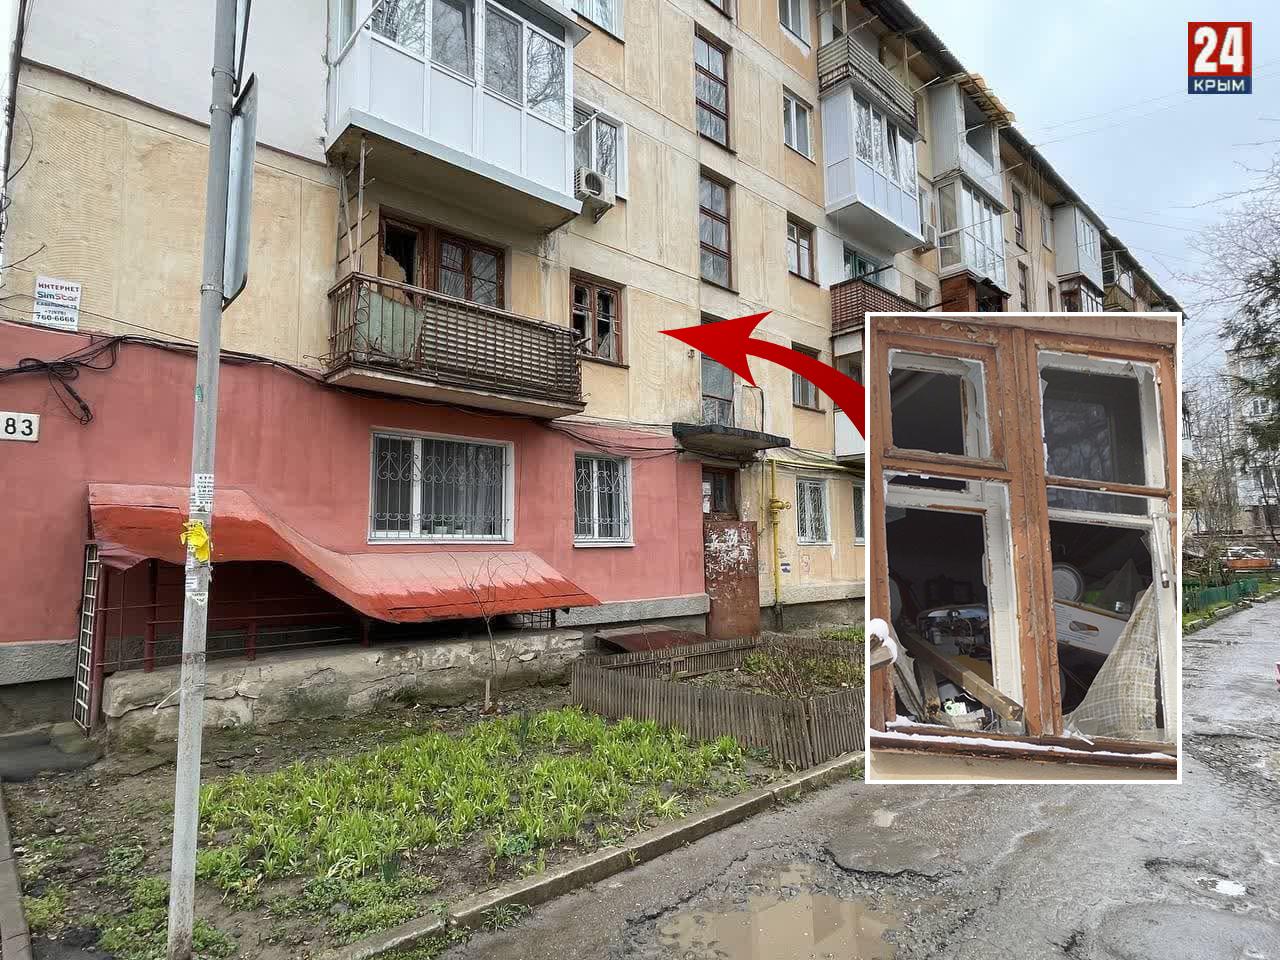 Полгода зловония. В Симферополе старик завалил квартиру мусором и умер